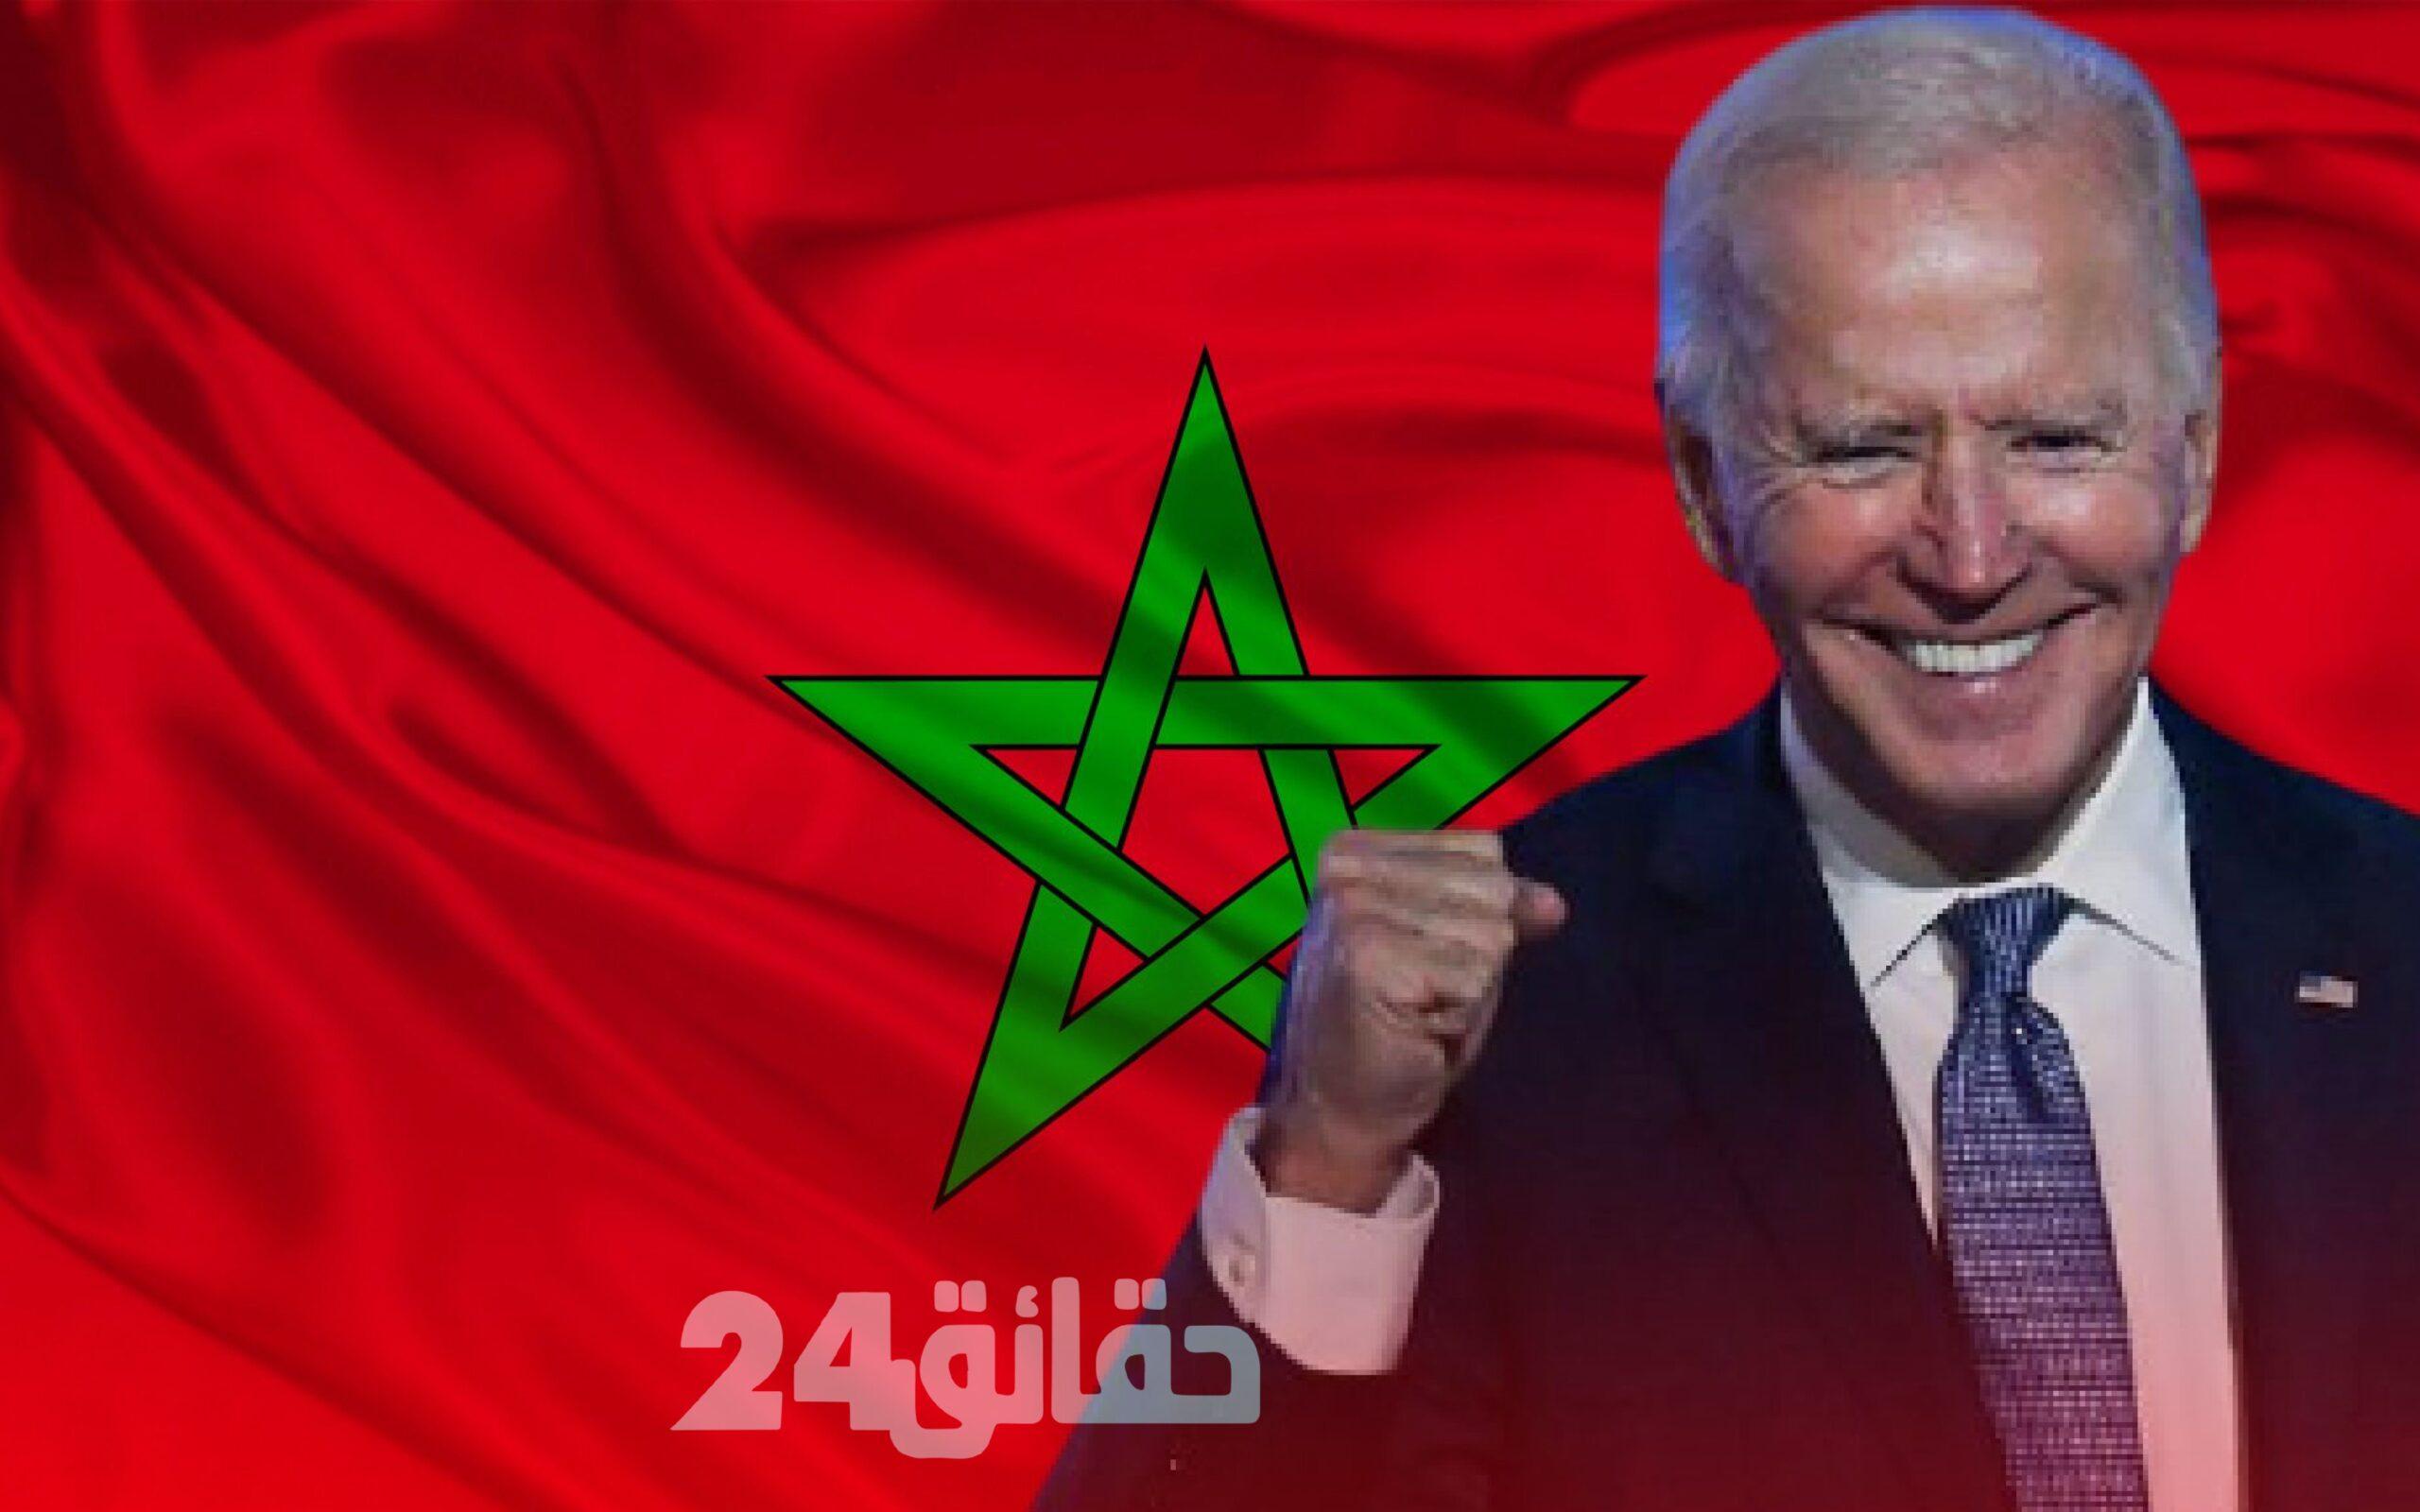 صورة نيد برايس: بايدن لن يغير الموقف الأمريكي من قضية الصحراء المغربية